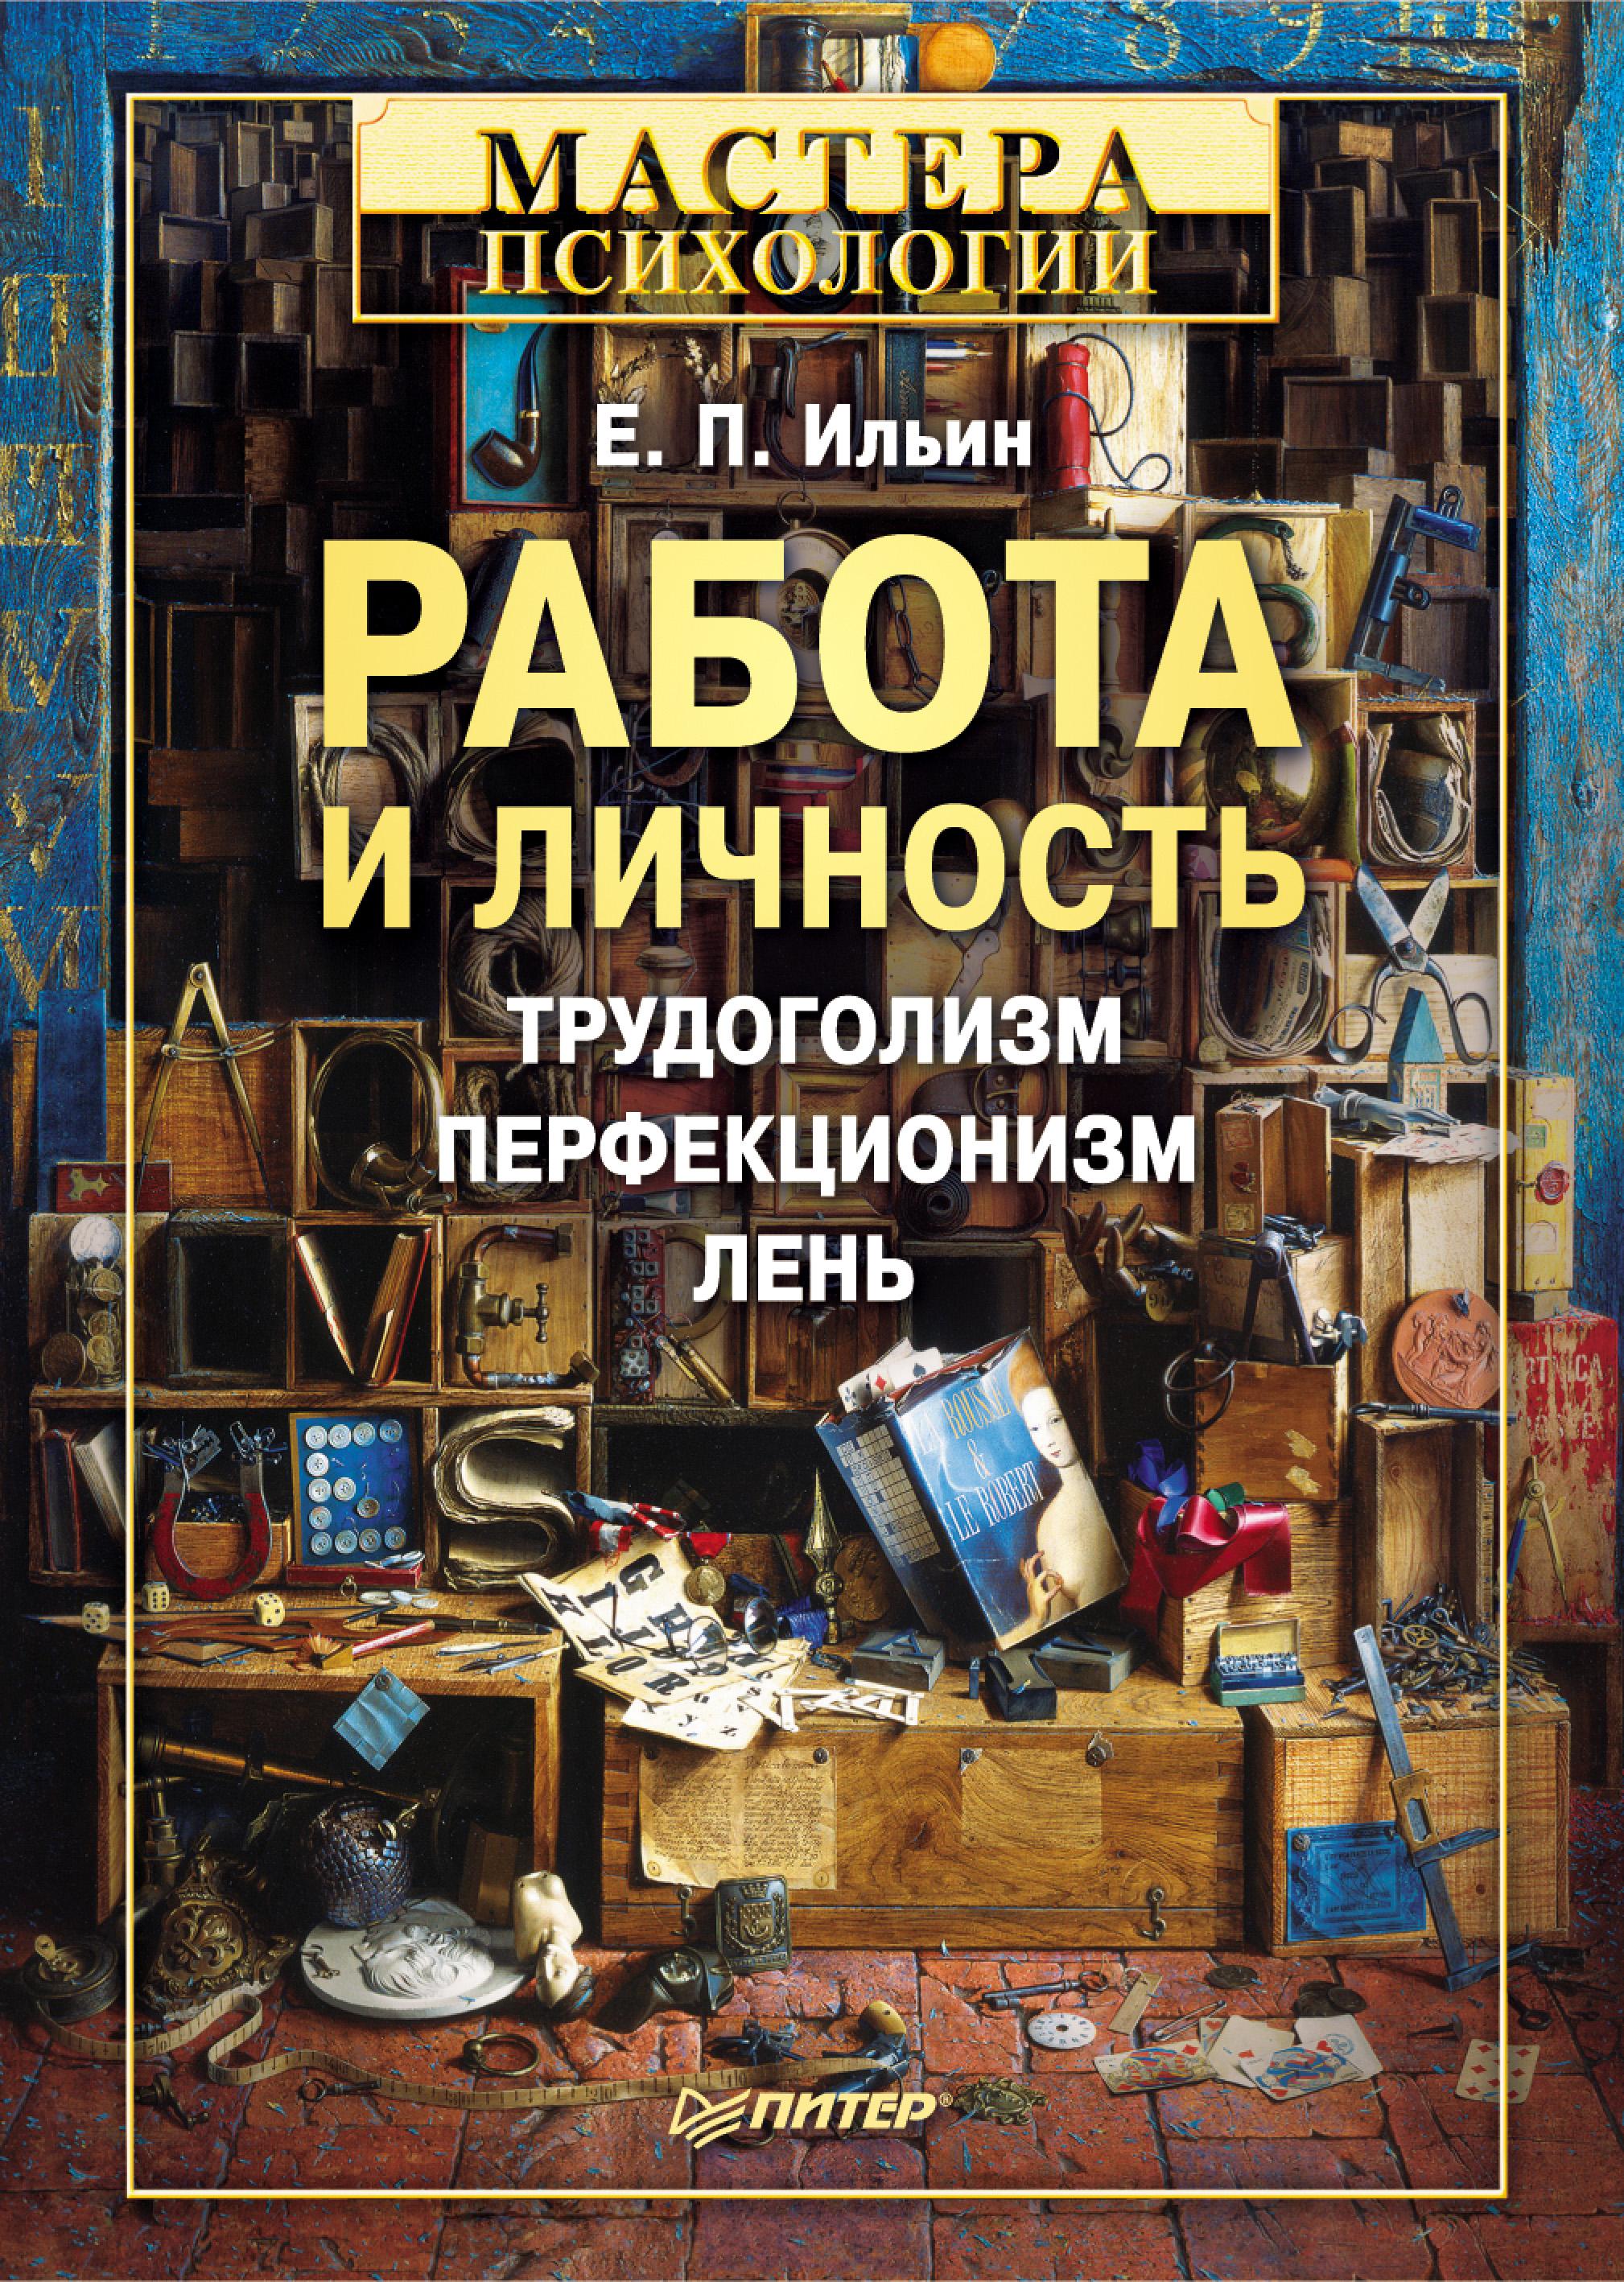 Евгений Ильин «Работа и личность. Трудоголизм, перфекционизм, лень»